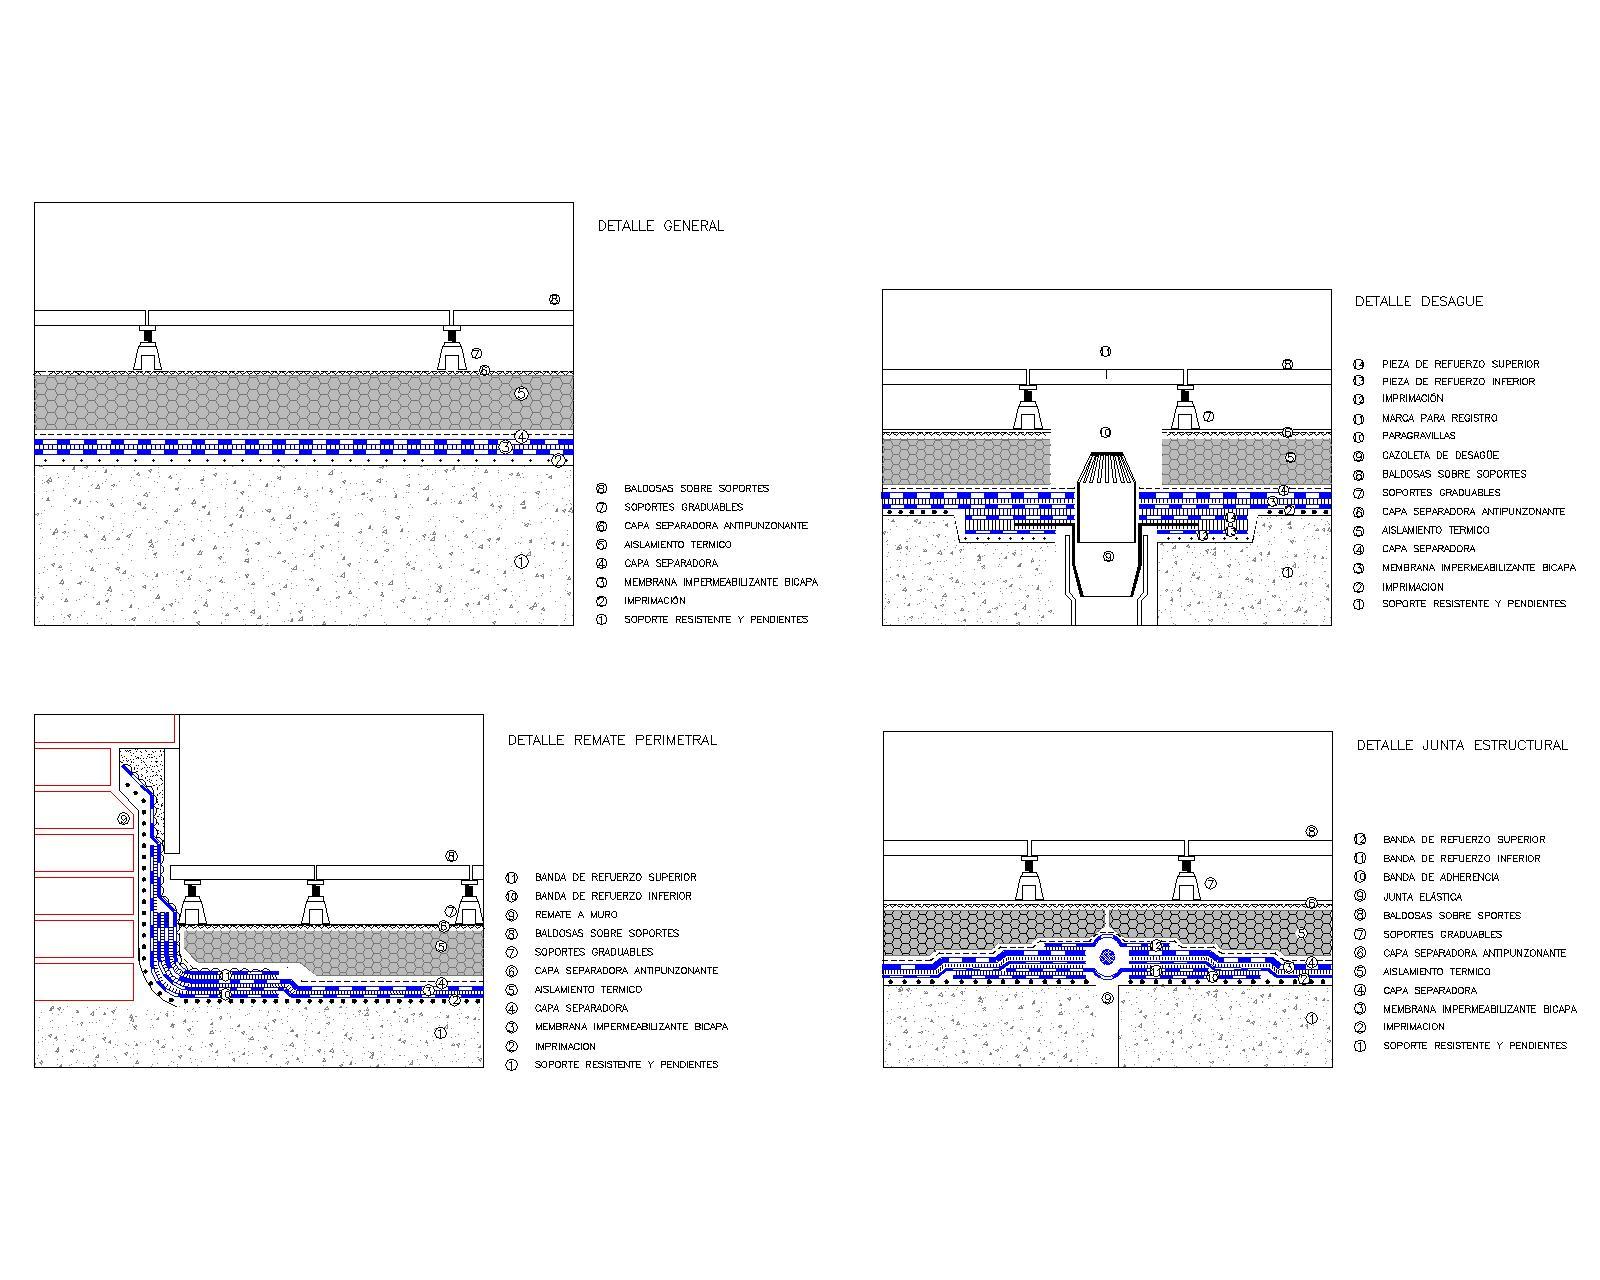 Vg at cubierta plana invertida iii - Cubierta sobre plots ...